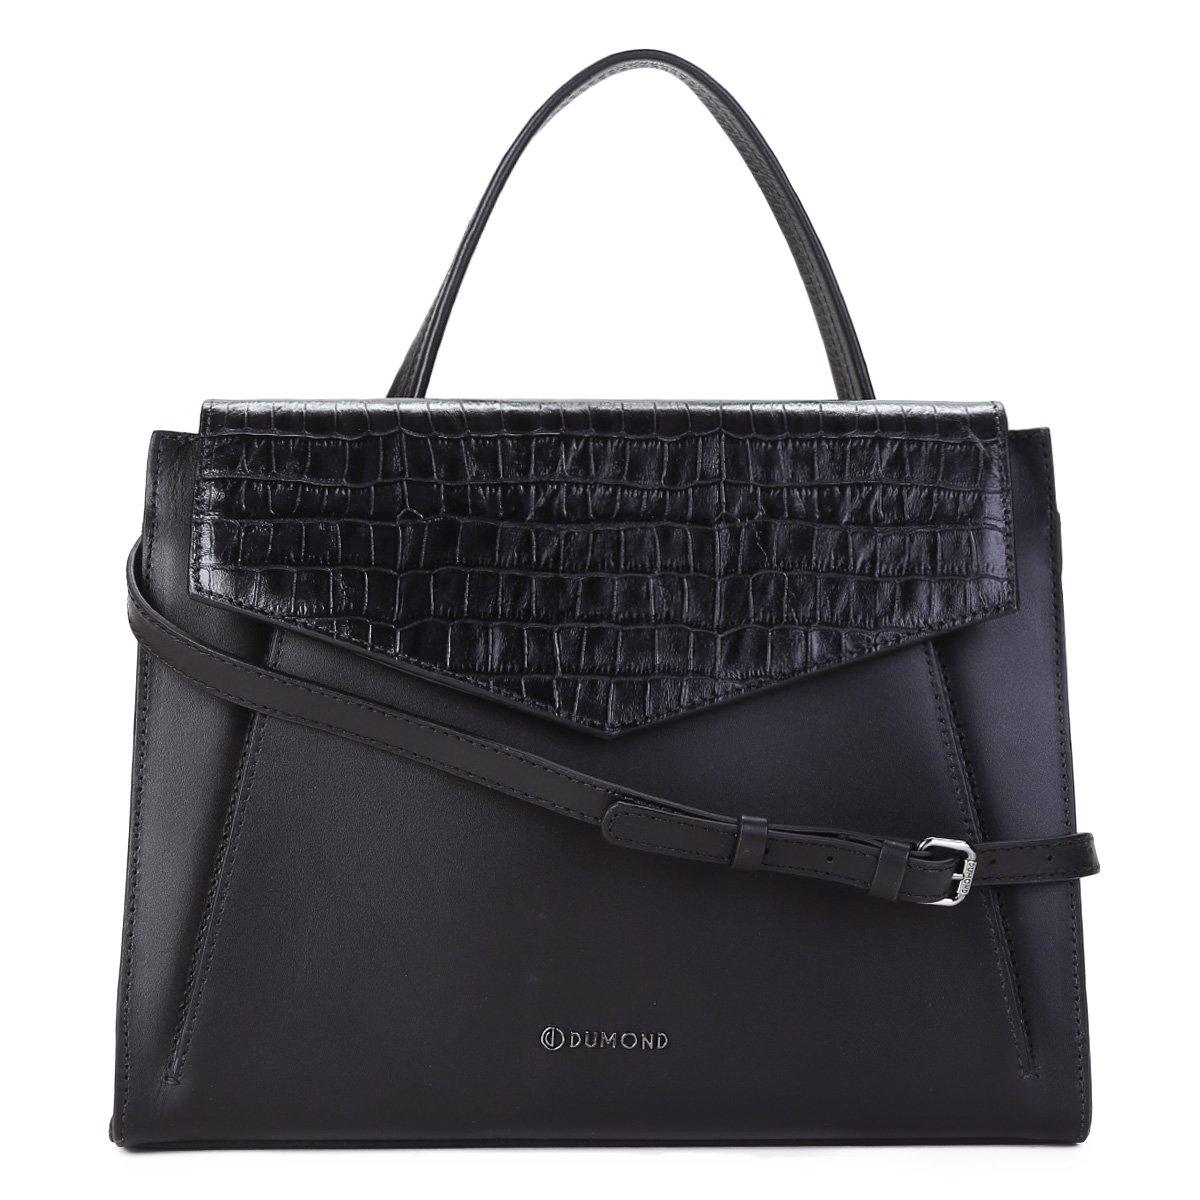 3775d7cf7 Bolsa Couro Dumond Handbag Transversal Feminina